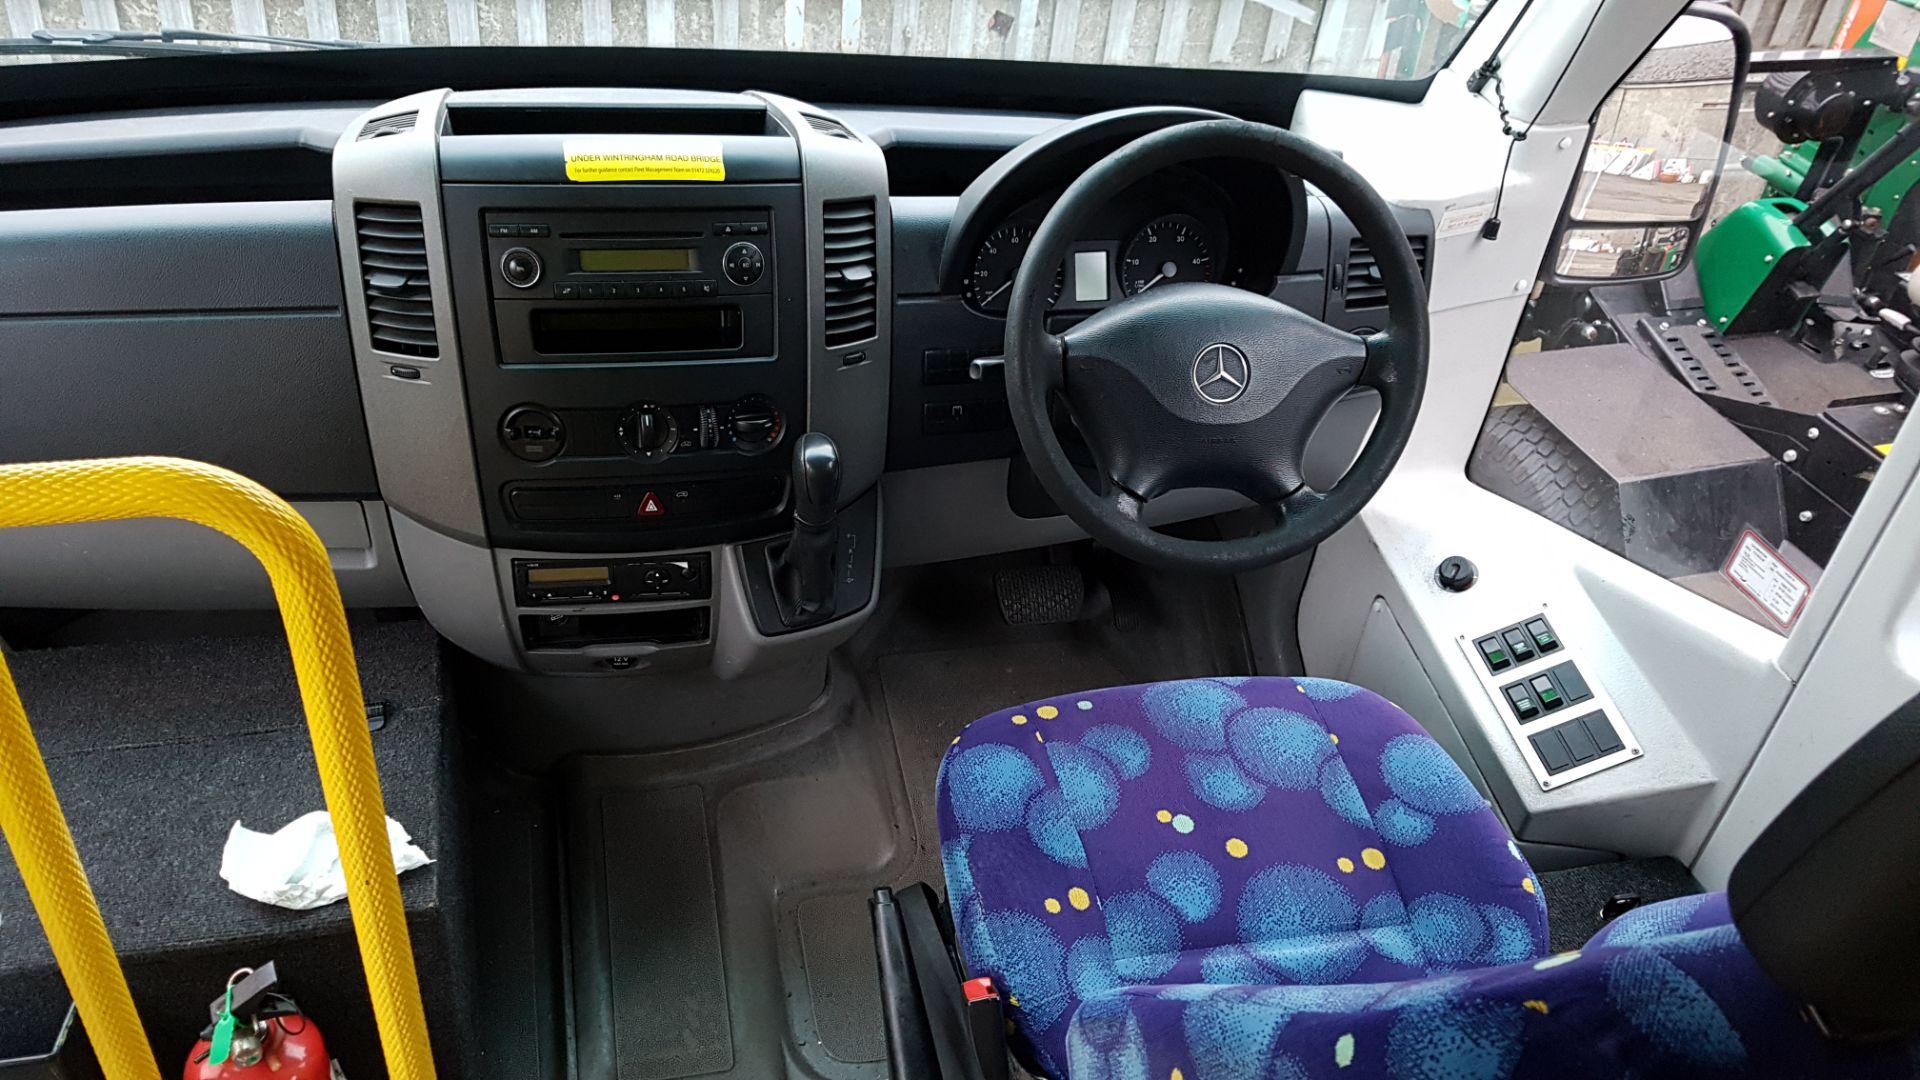 Lot 5 - * Mercedes Sprinter Bus - Treka Conversion A 2008 Mercedes Sprinter Bus Reg No FX58 ZHK with Treka